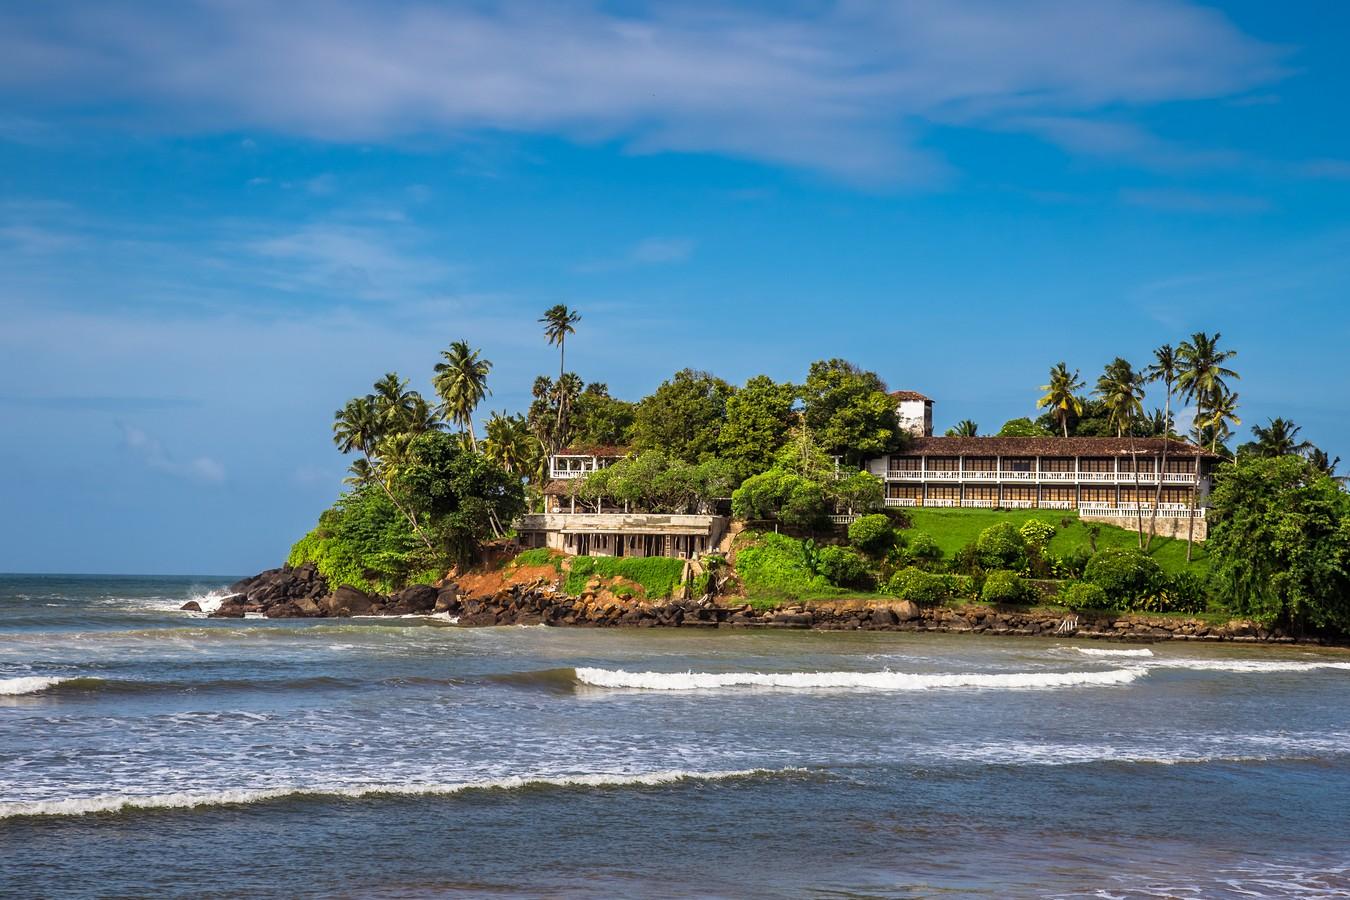 Шри-Ланка. Часть 1. Унаватуна, Галле и тропический лес Синхараджа